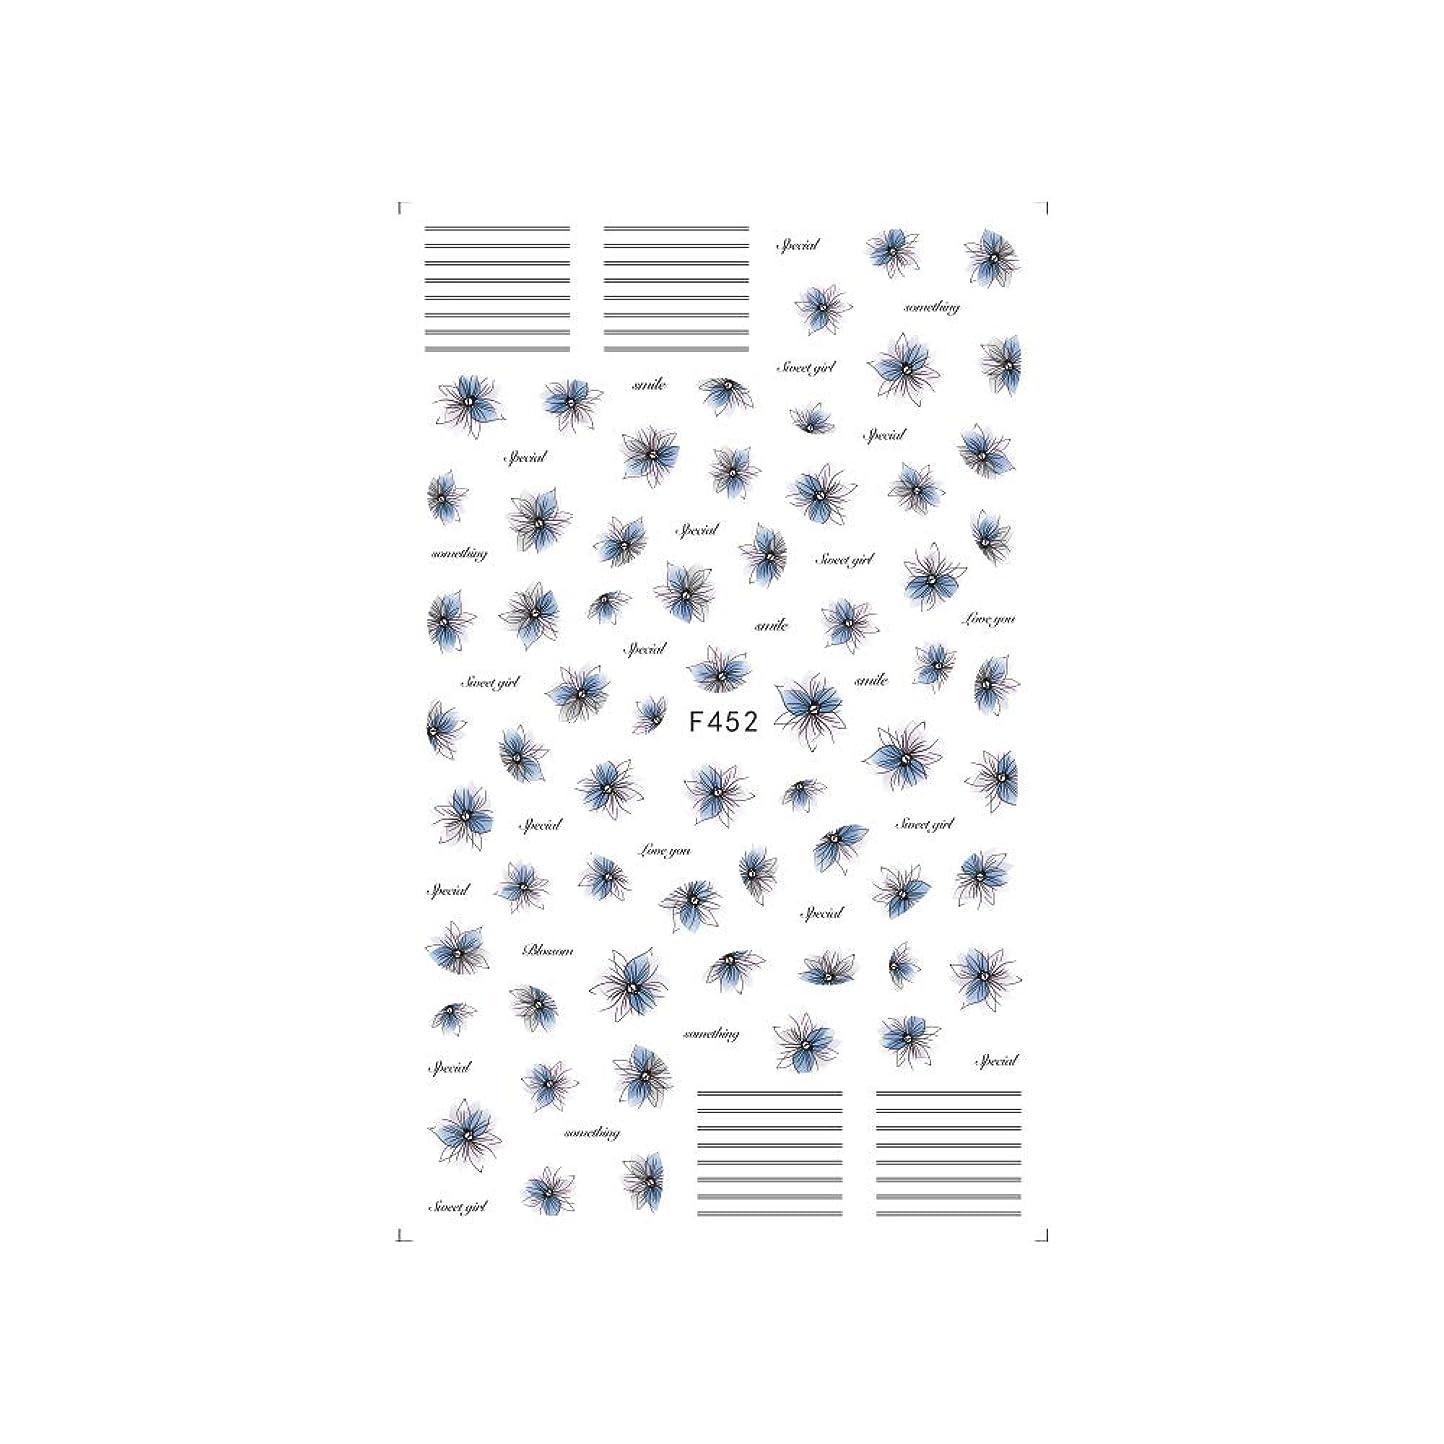 保安ミケランジェロジャベスウィルソンirogel イロジェル ネイルシール ラインブロッサムシール 【F452】フラワー ライン シック ニュアンス